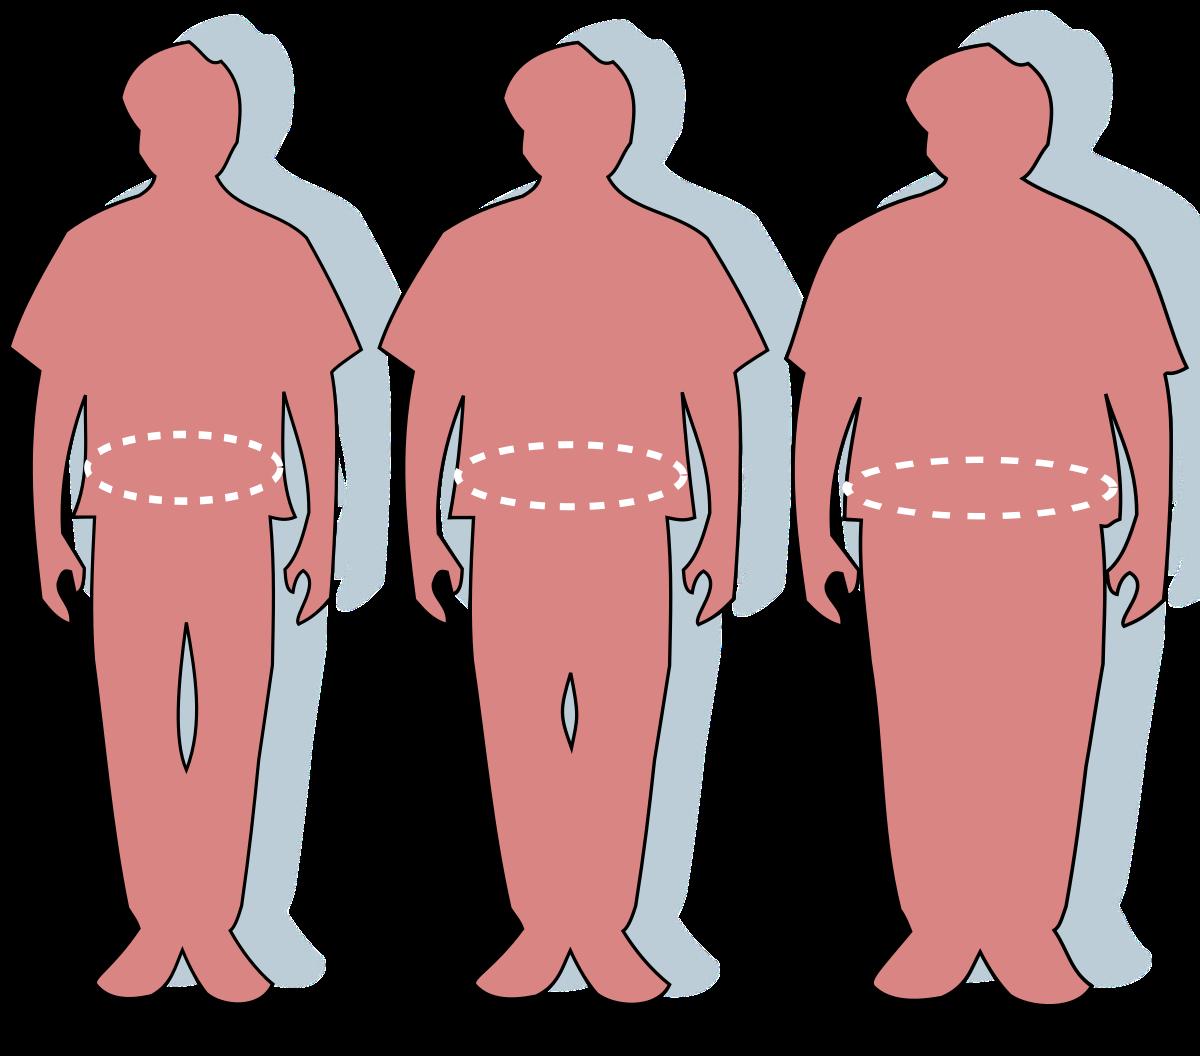 scădere în greutate cu demență corporală slabă)